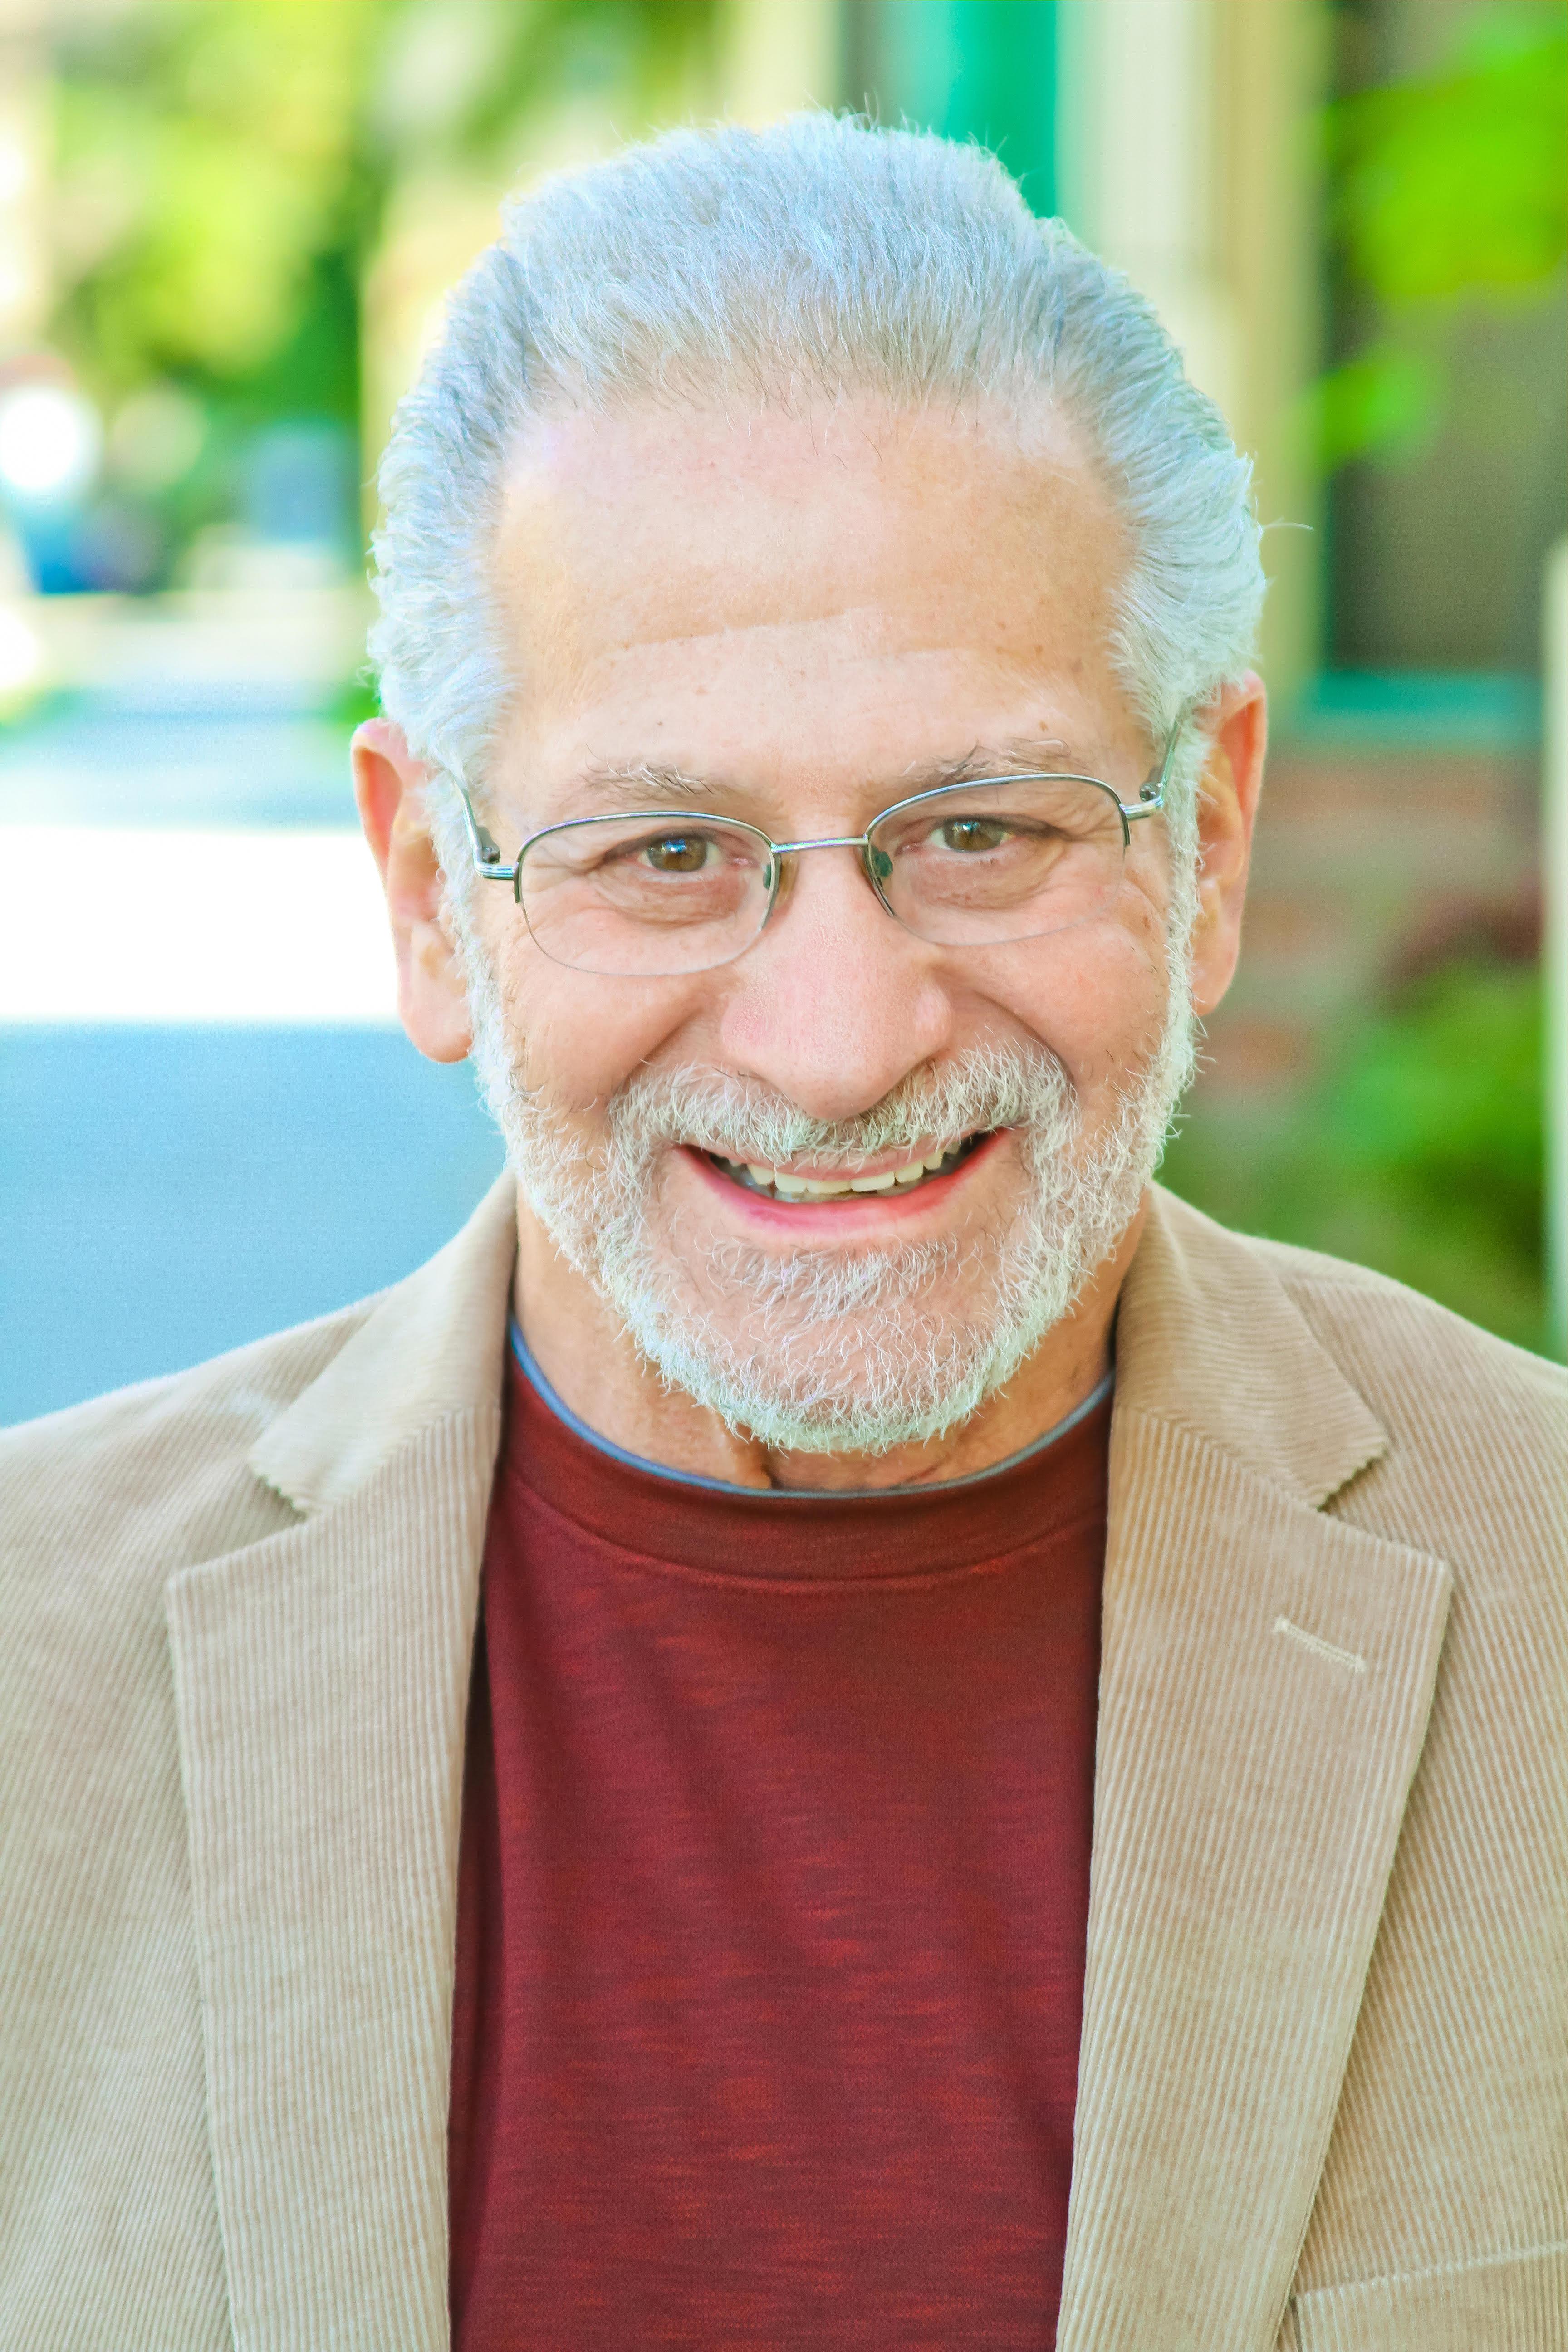 Mark Dauberman